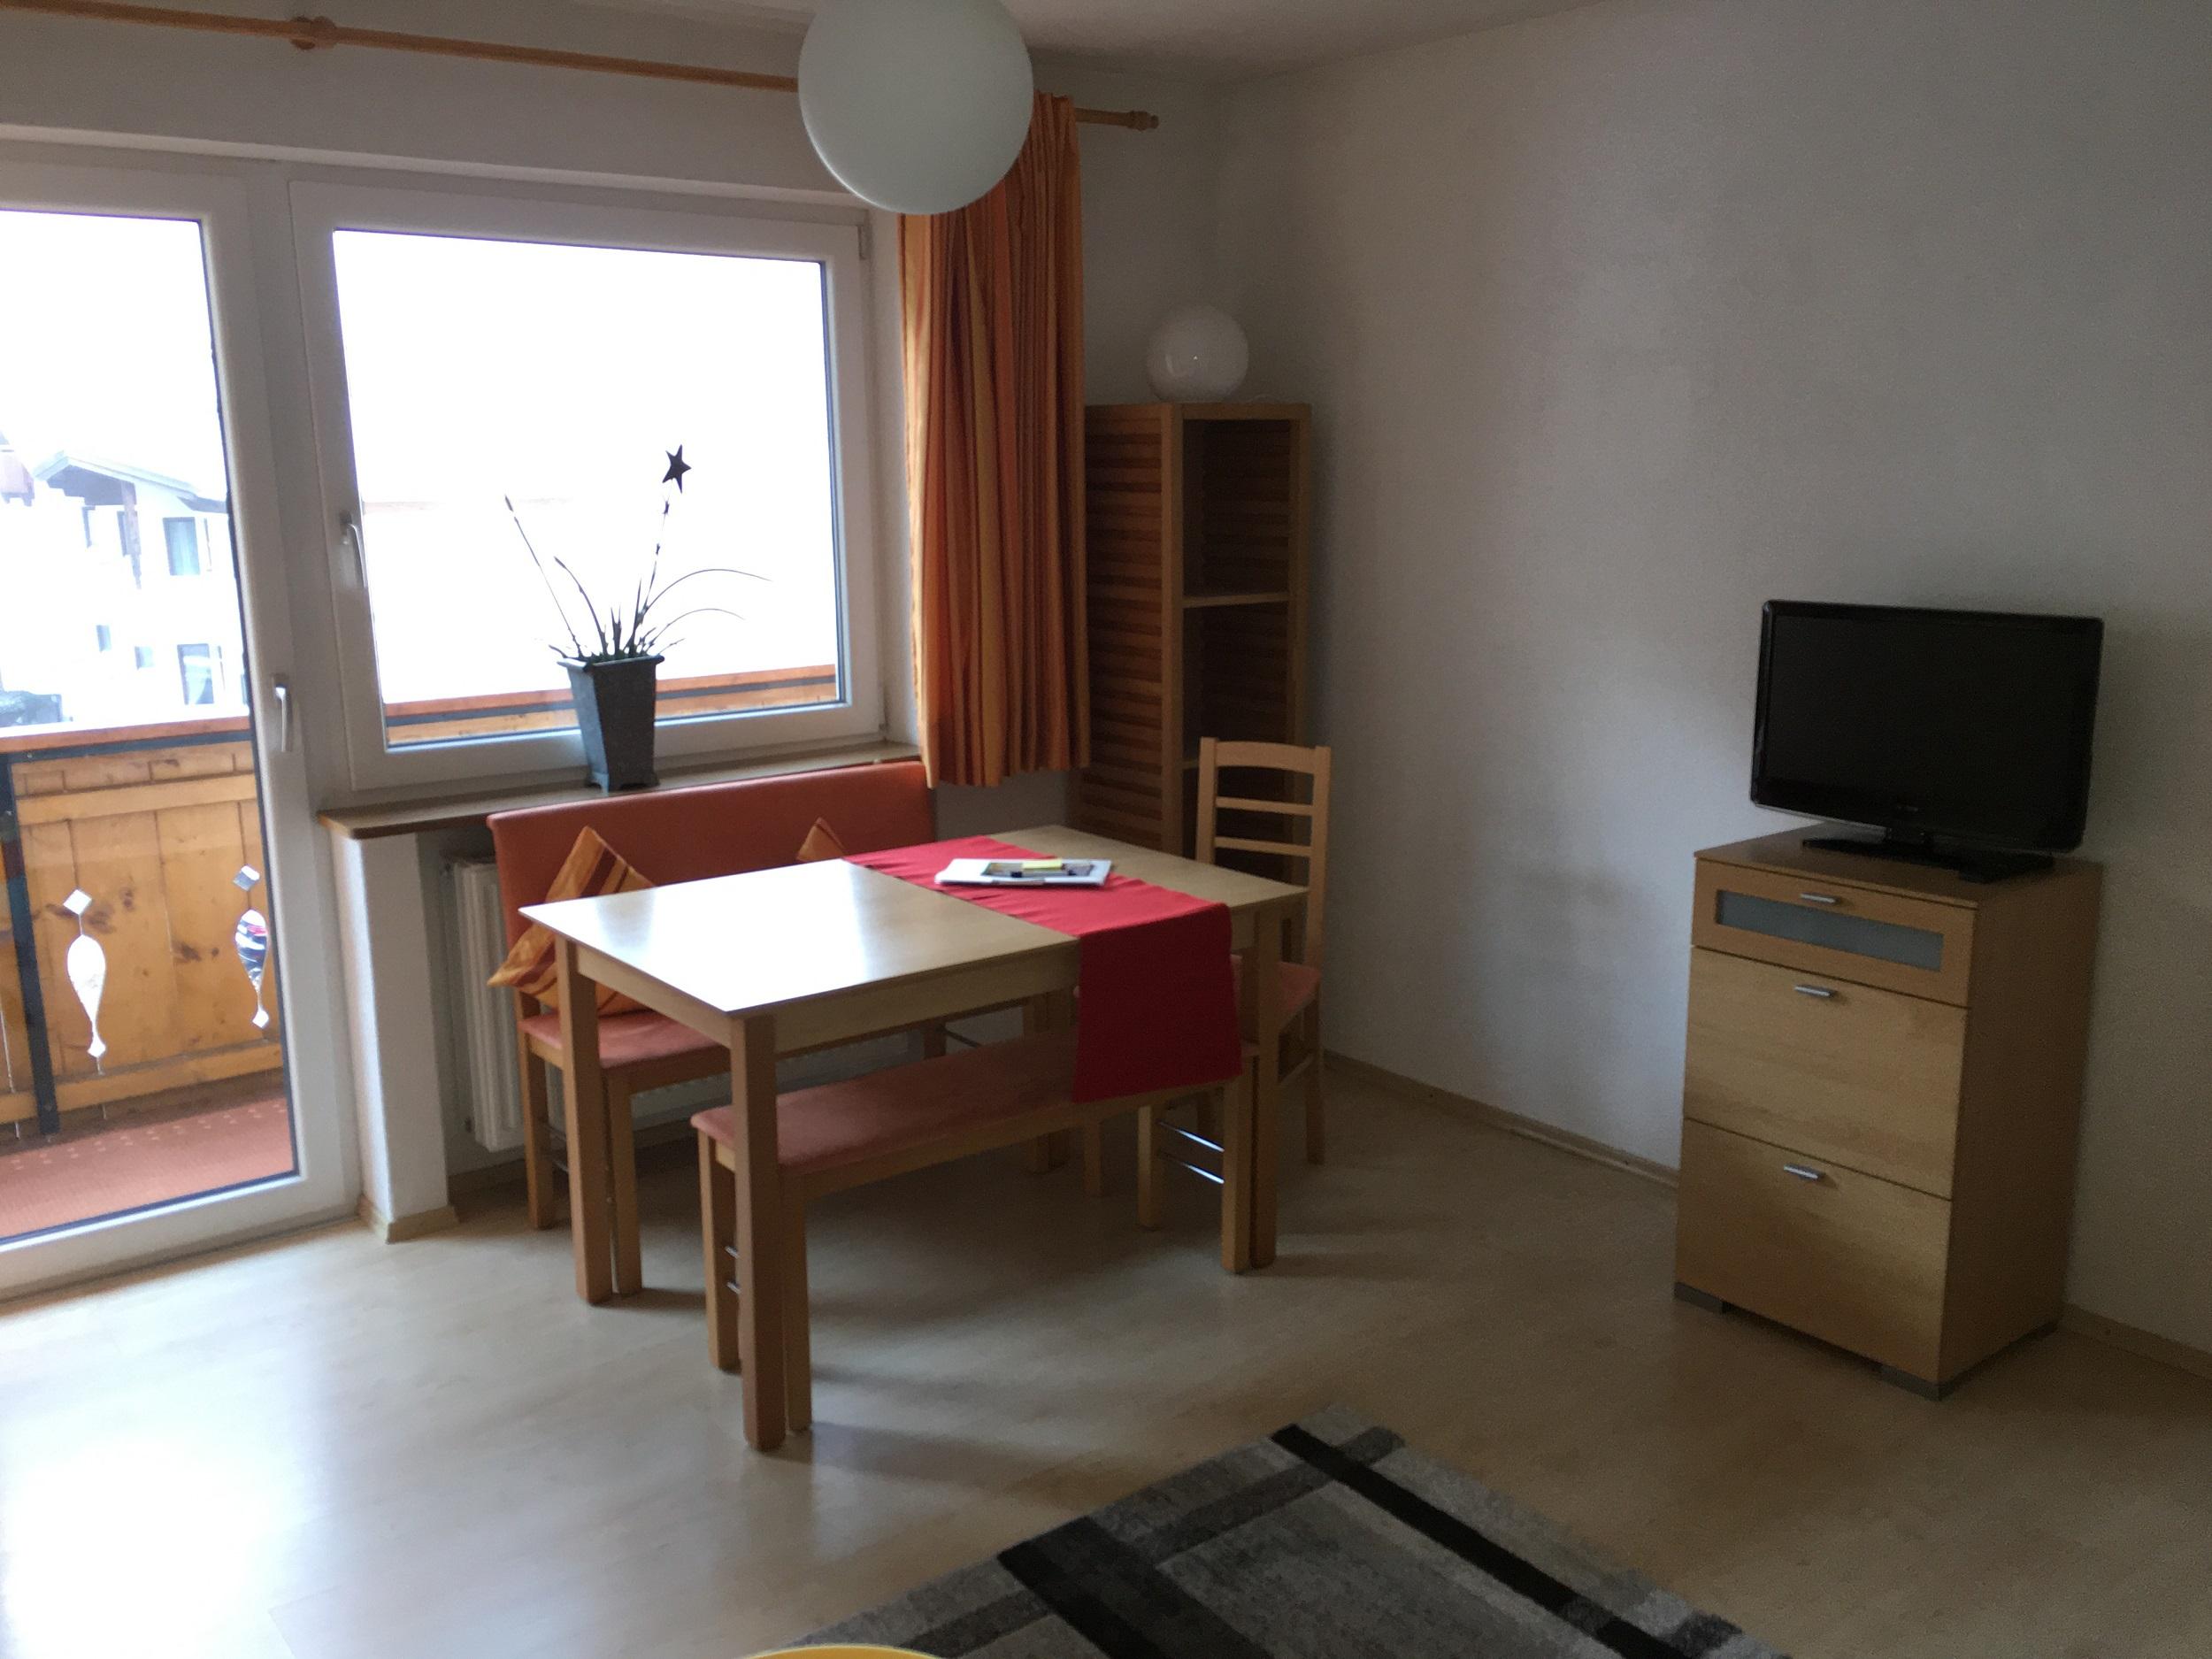 Ferienwohnung Haus Rimml. Ferienwohnung (2773491), Jerzens, Pitztal, Tirol, Österreich, Bild 6